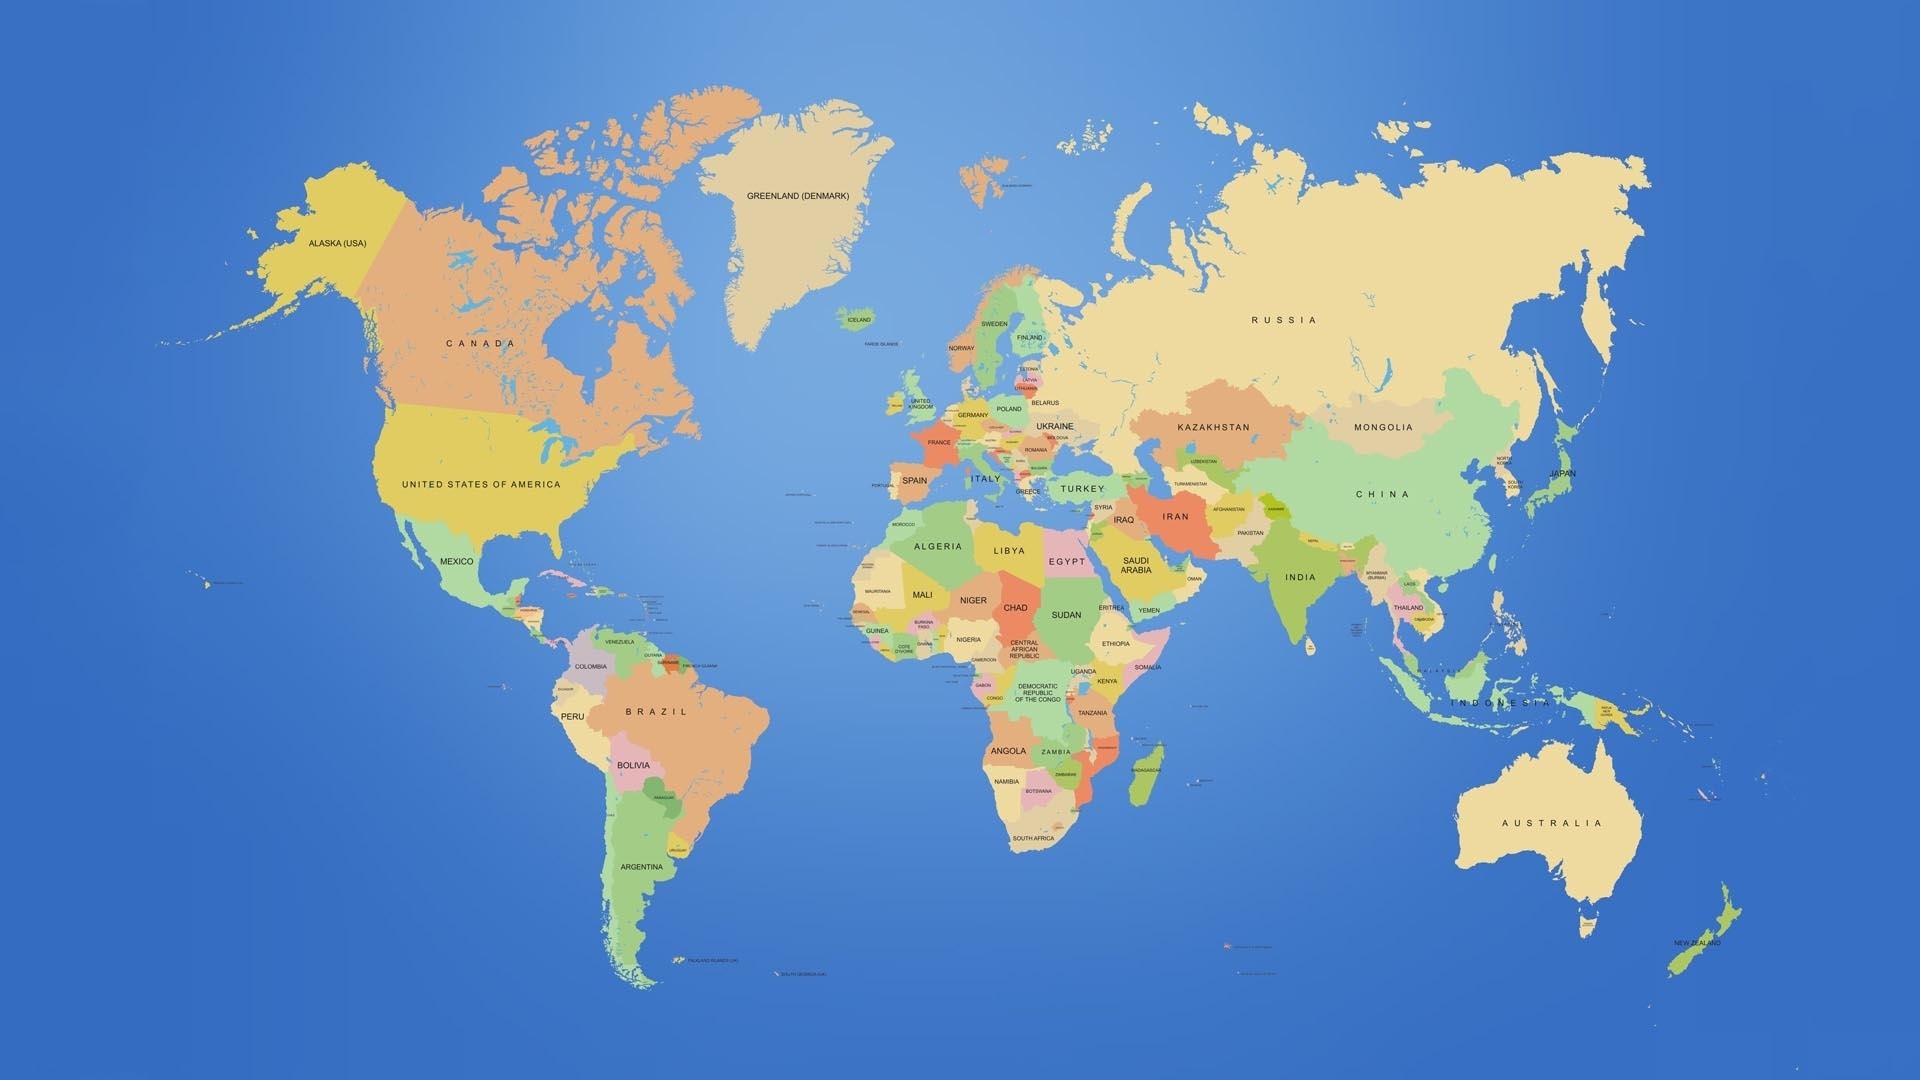 world map desktop wallpaper group (0+)